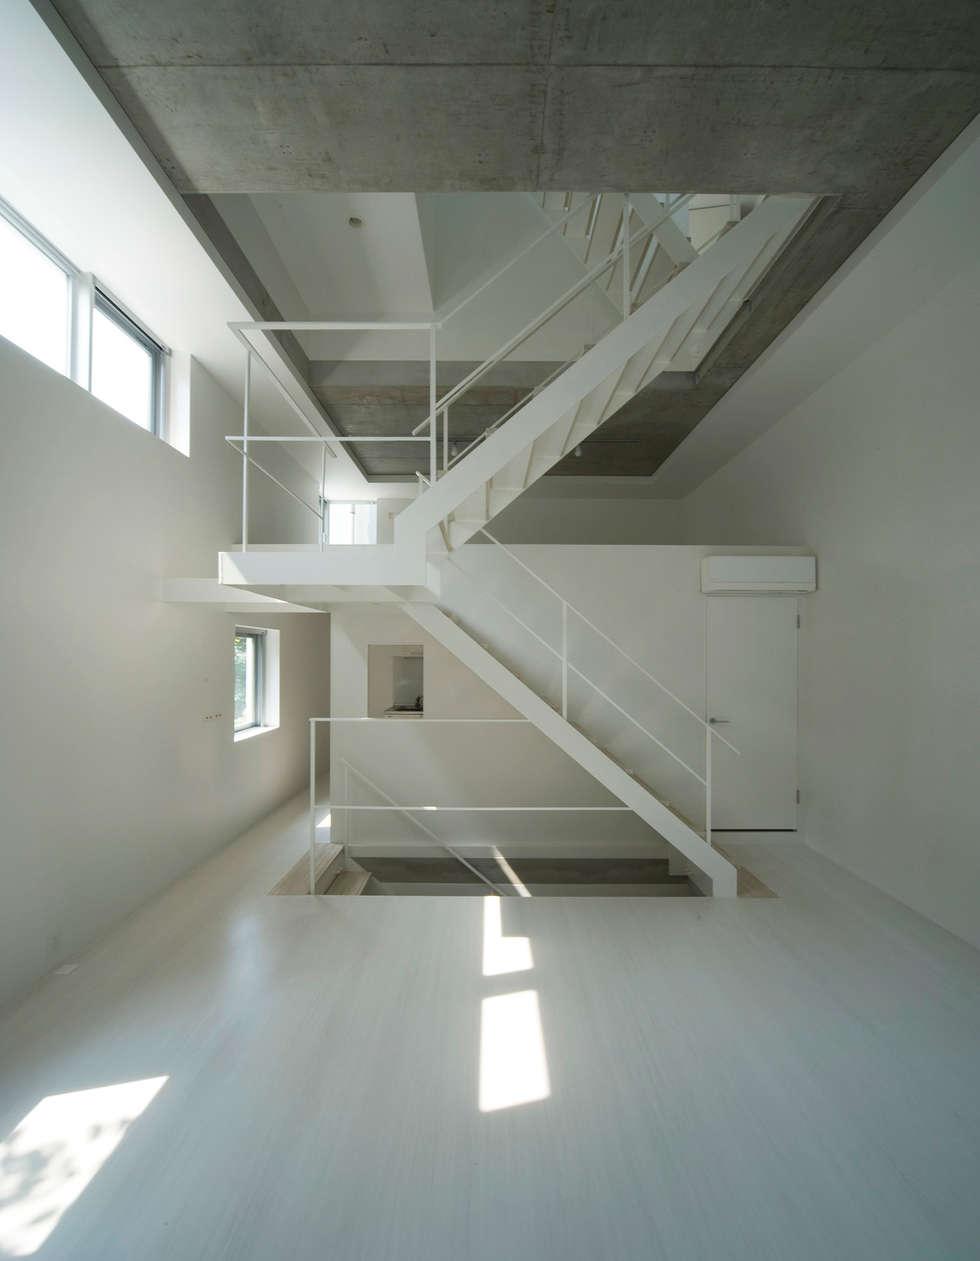 はたのいえ: 山本想太郎設計アトリエが手掛けた玄関・廊下・階段です。